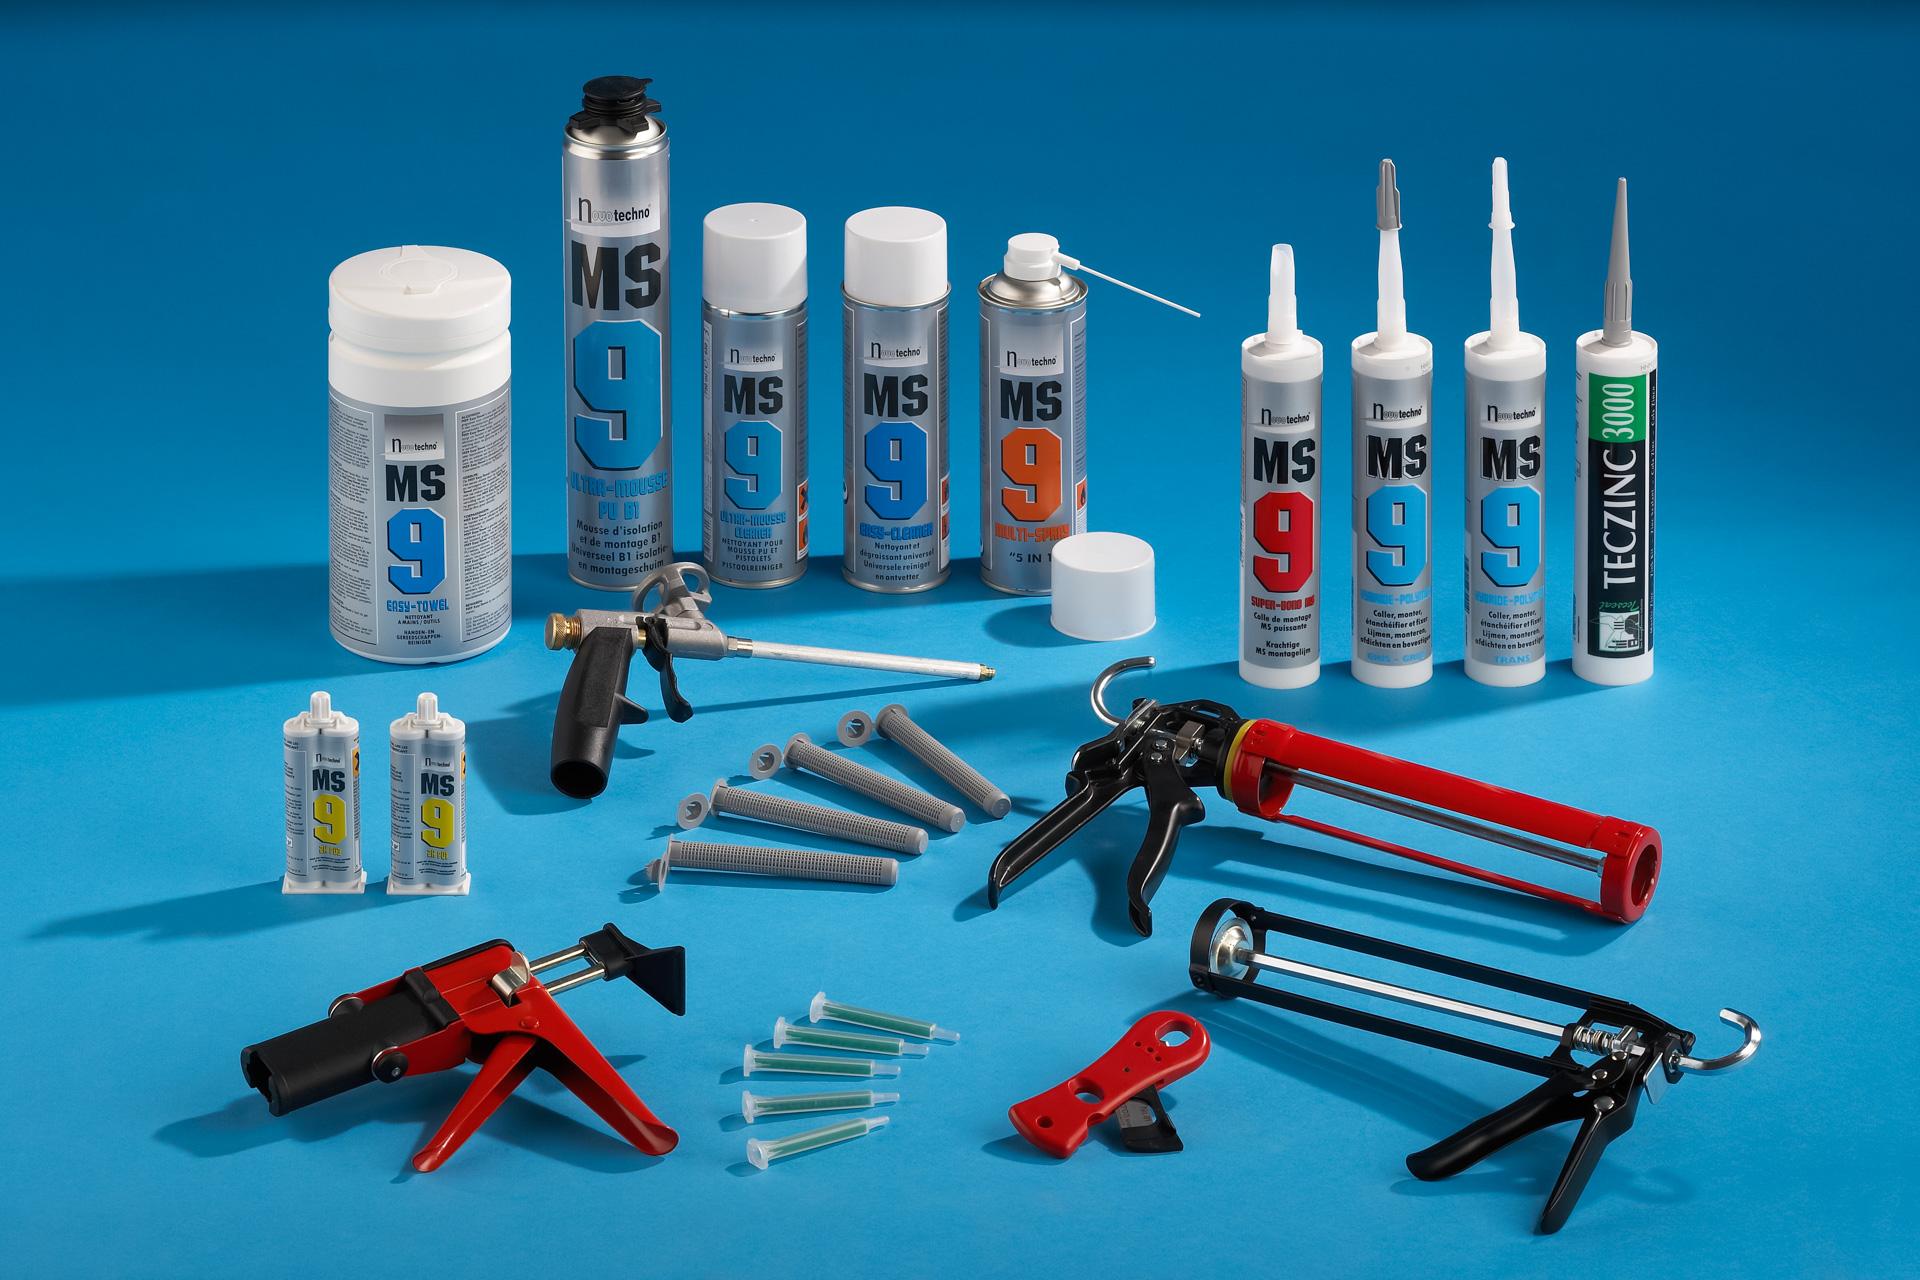 Product foto van groep lijm en kit producten